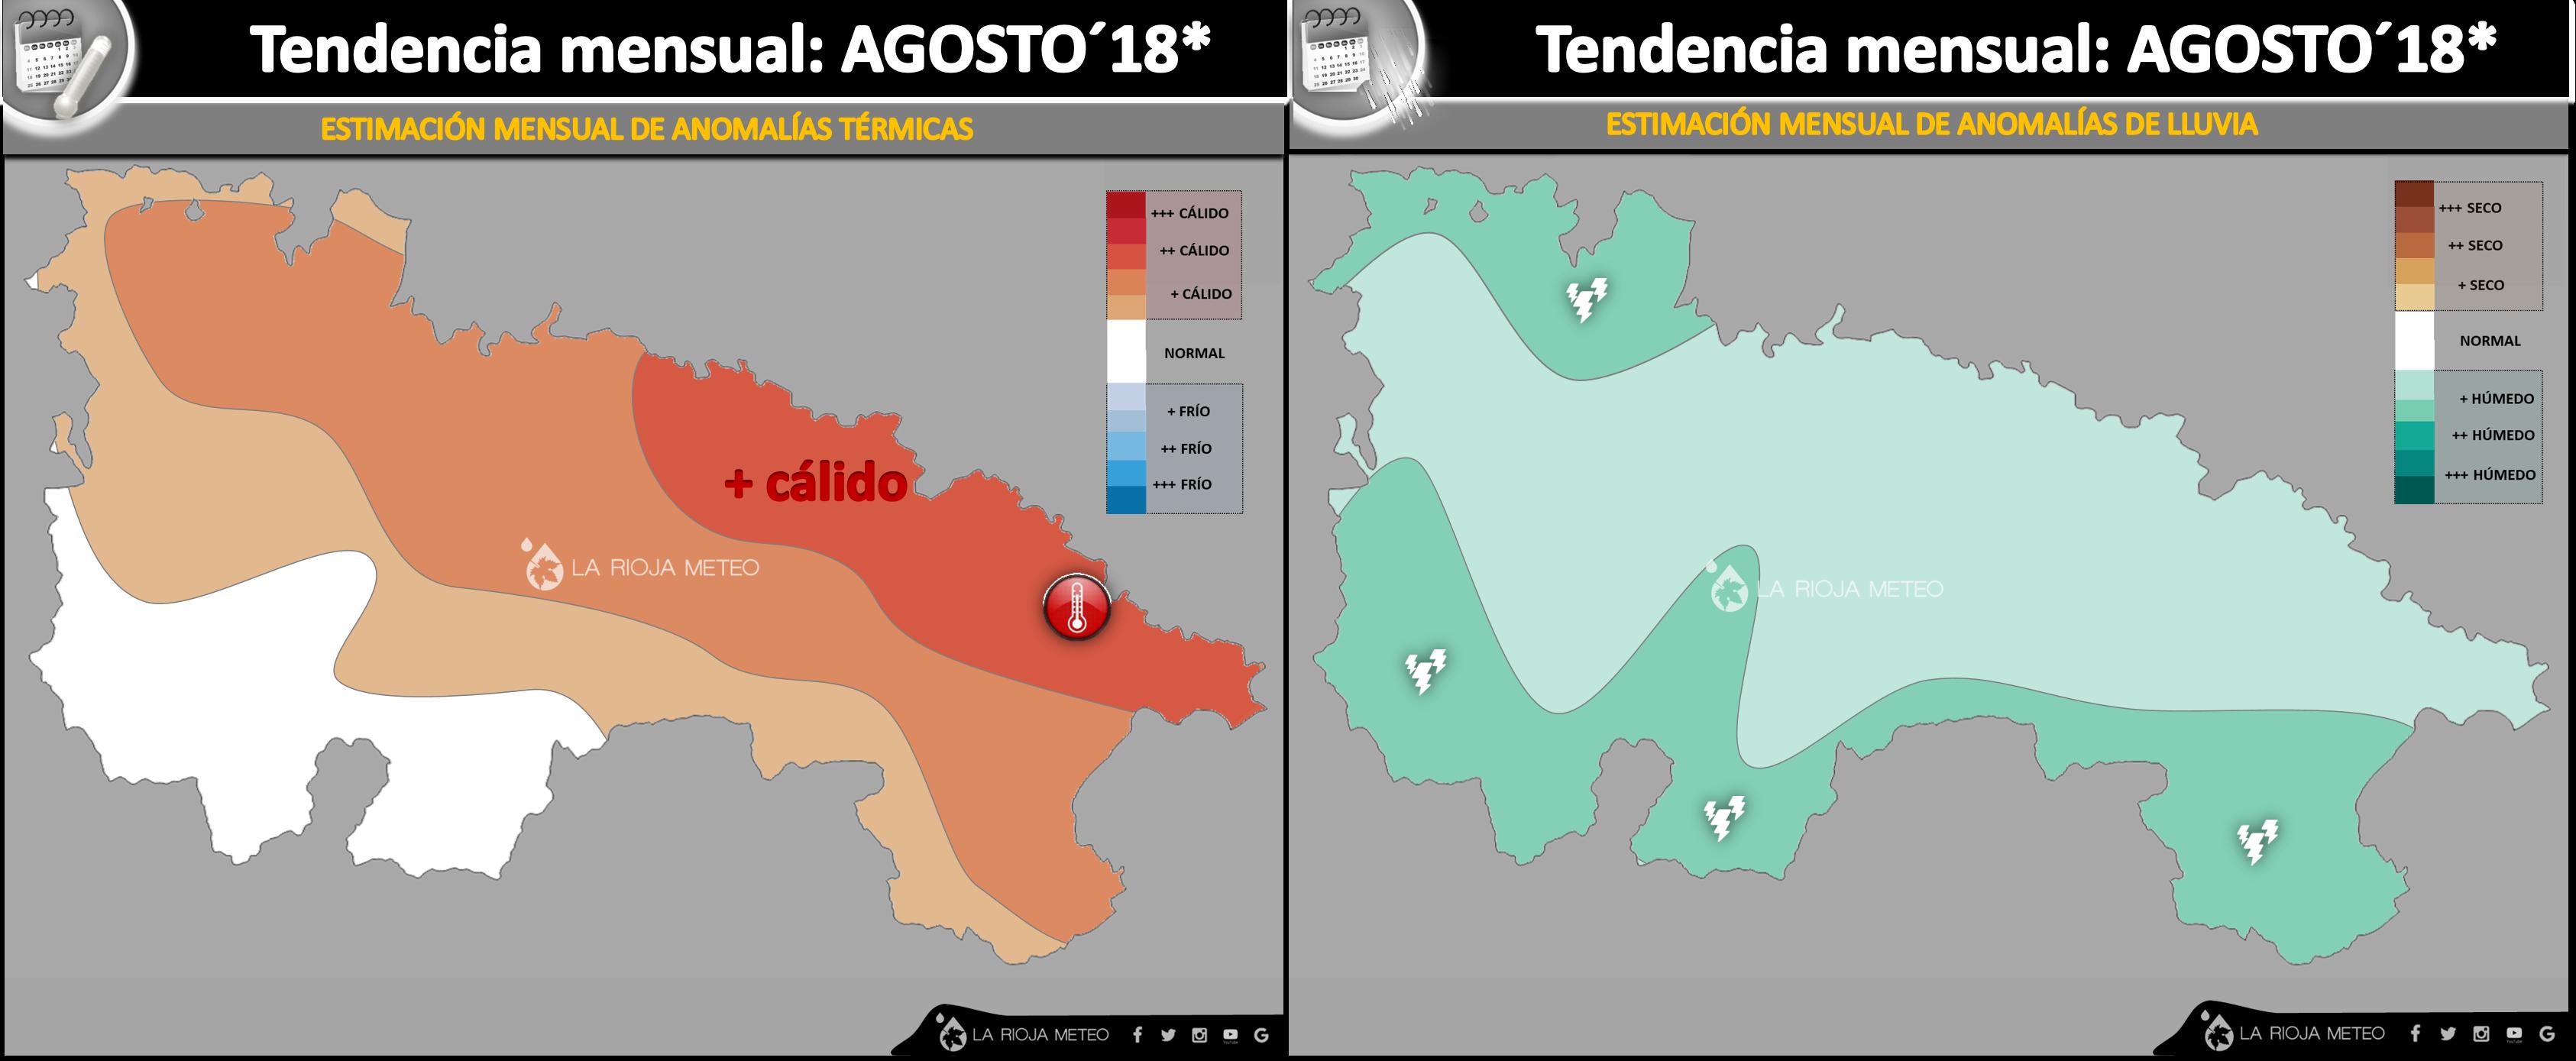 Estimación de anomalías térmicas y pluviométricas en La Rioja para el mes de Agosto de 2018. Ilustración: Dani Benito